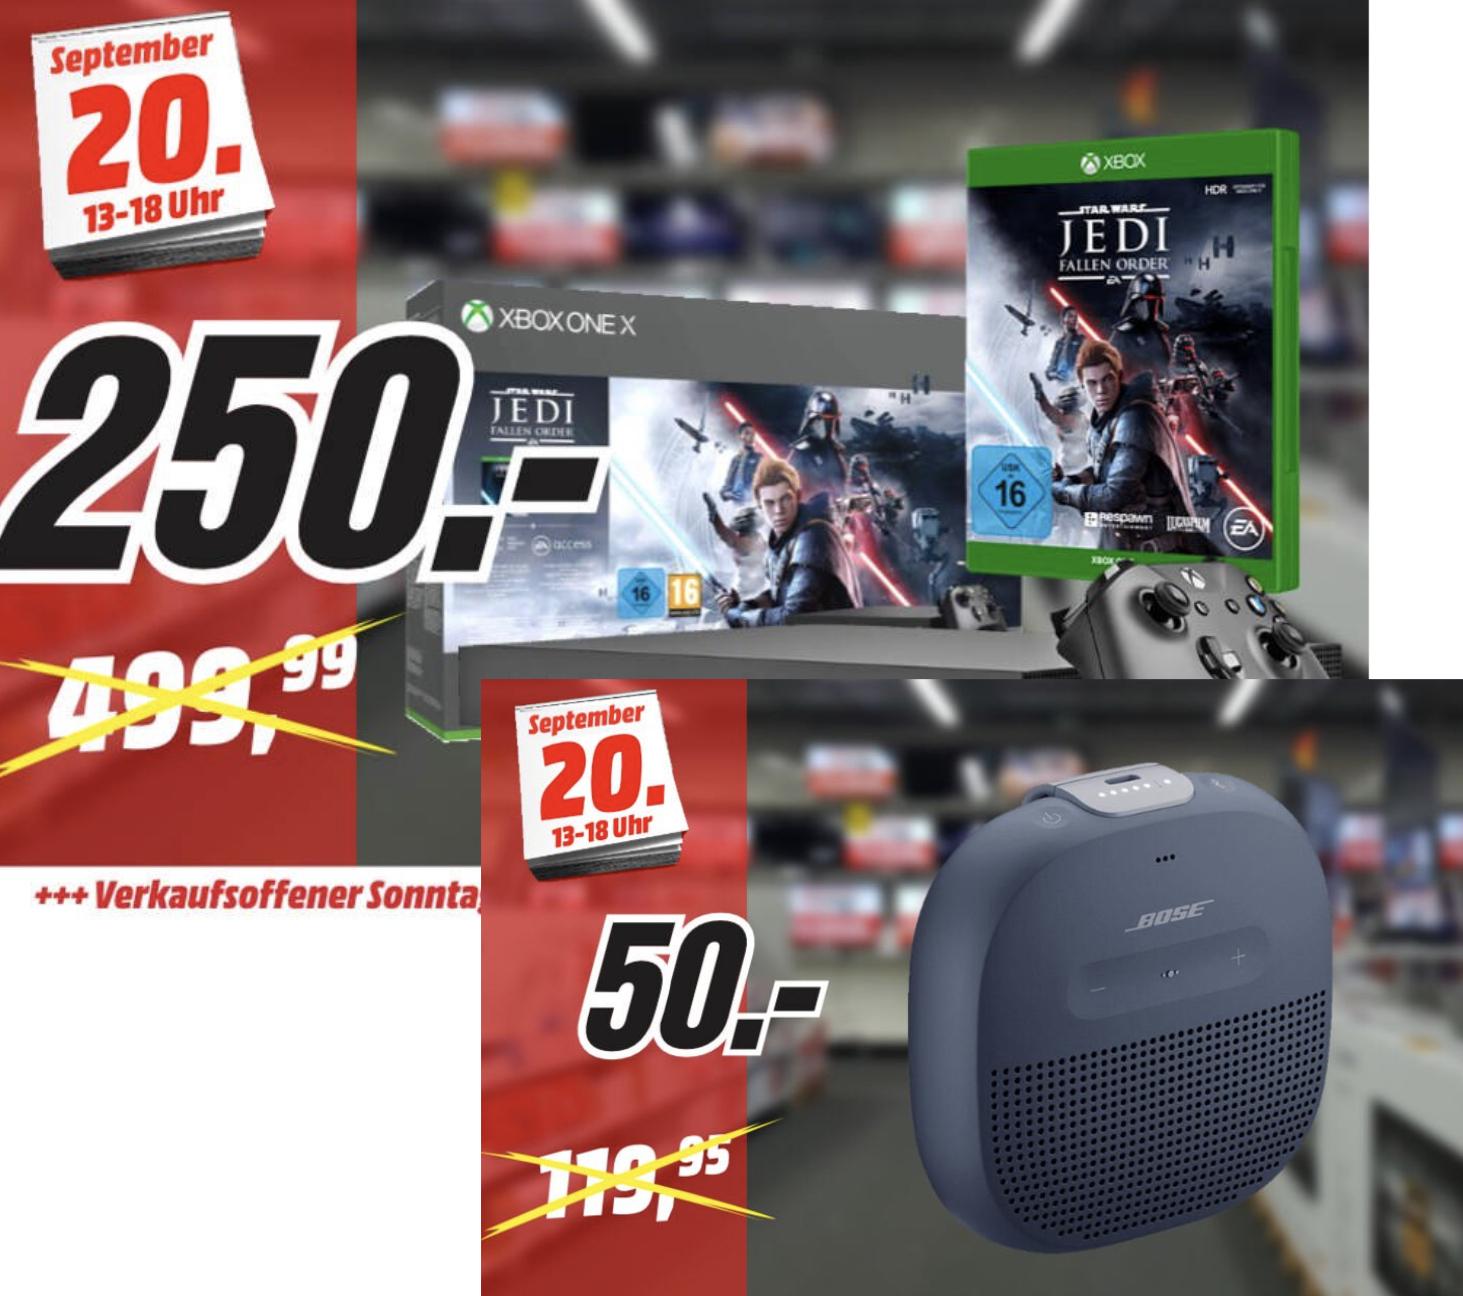 MediaMarkt Stade: Xbox One X Star Wars Bundle für 250€ / Bose SoundLink Micro für 50€ usw. am verkaufsoffenen Sonntag